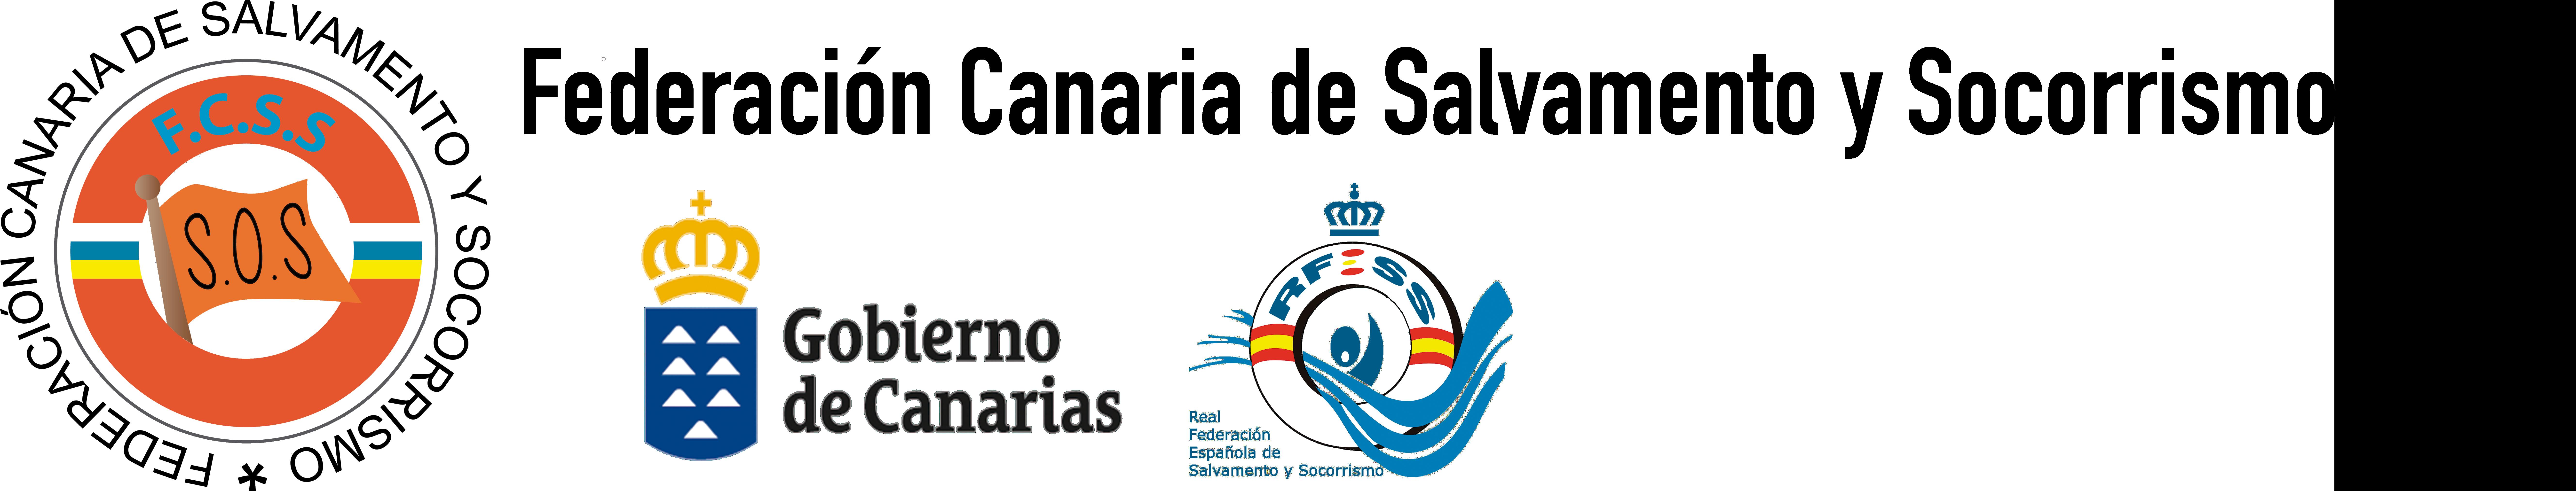 Logo de Federación Canaria de Salvamento y Socorrismo